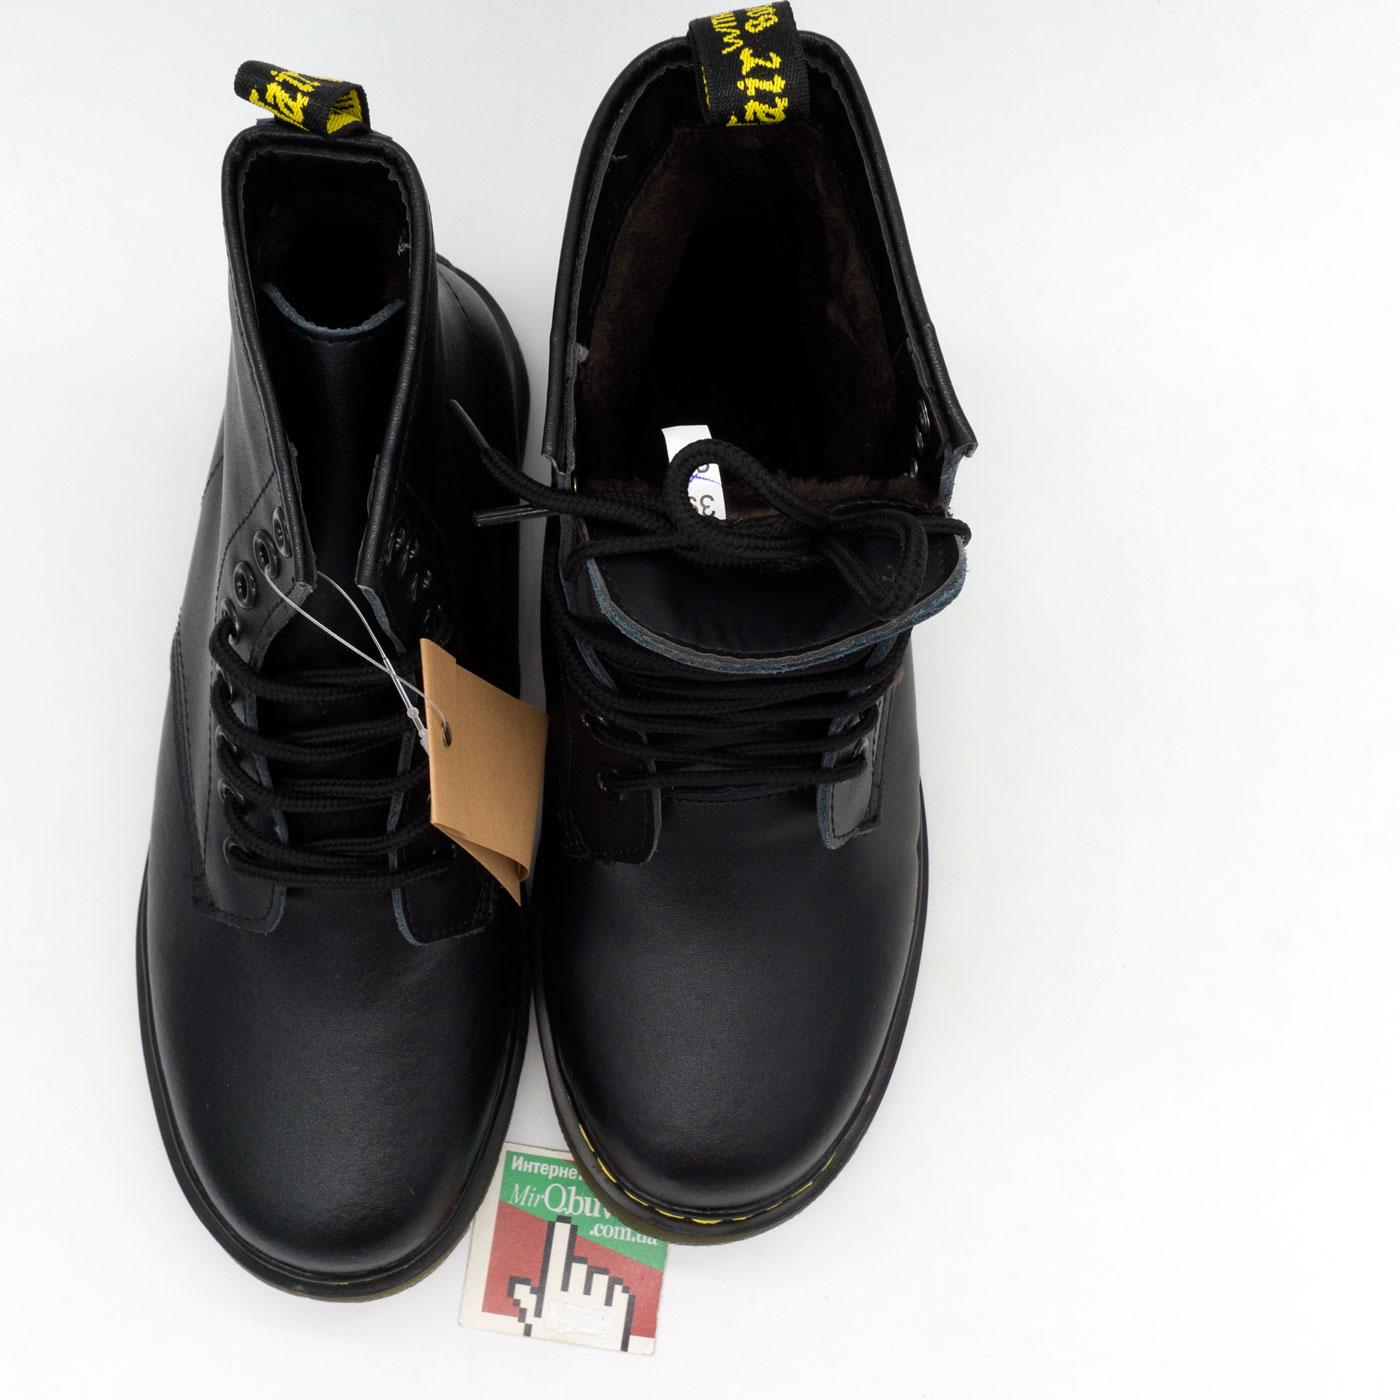 фото back Зимние Черные женские ботинки в Dr. Martens, натуральная гладкая кожа - Топ качество! back